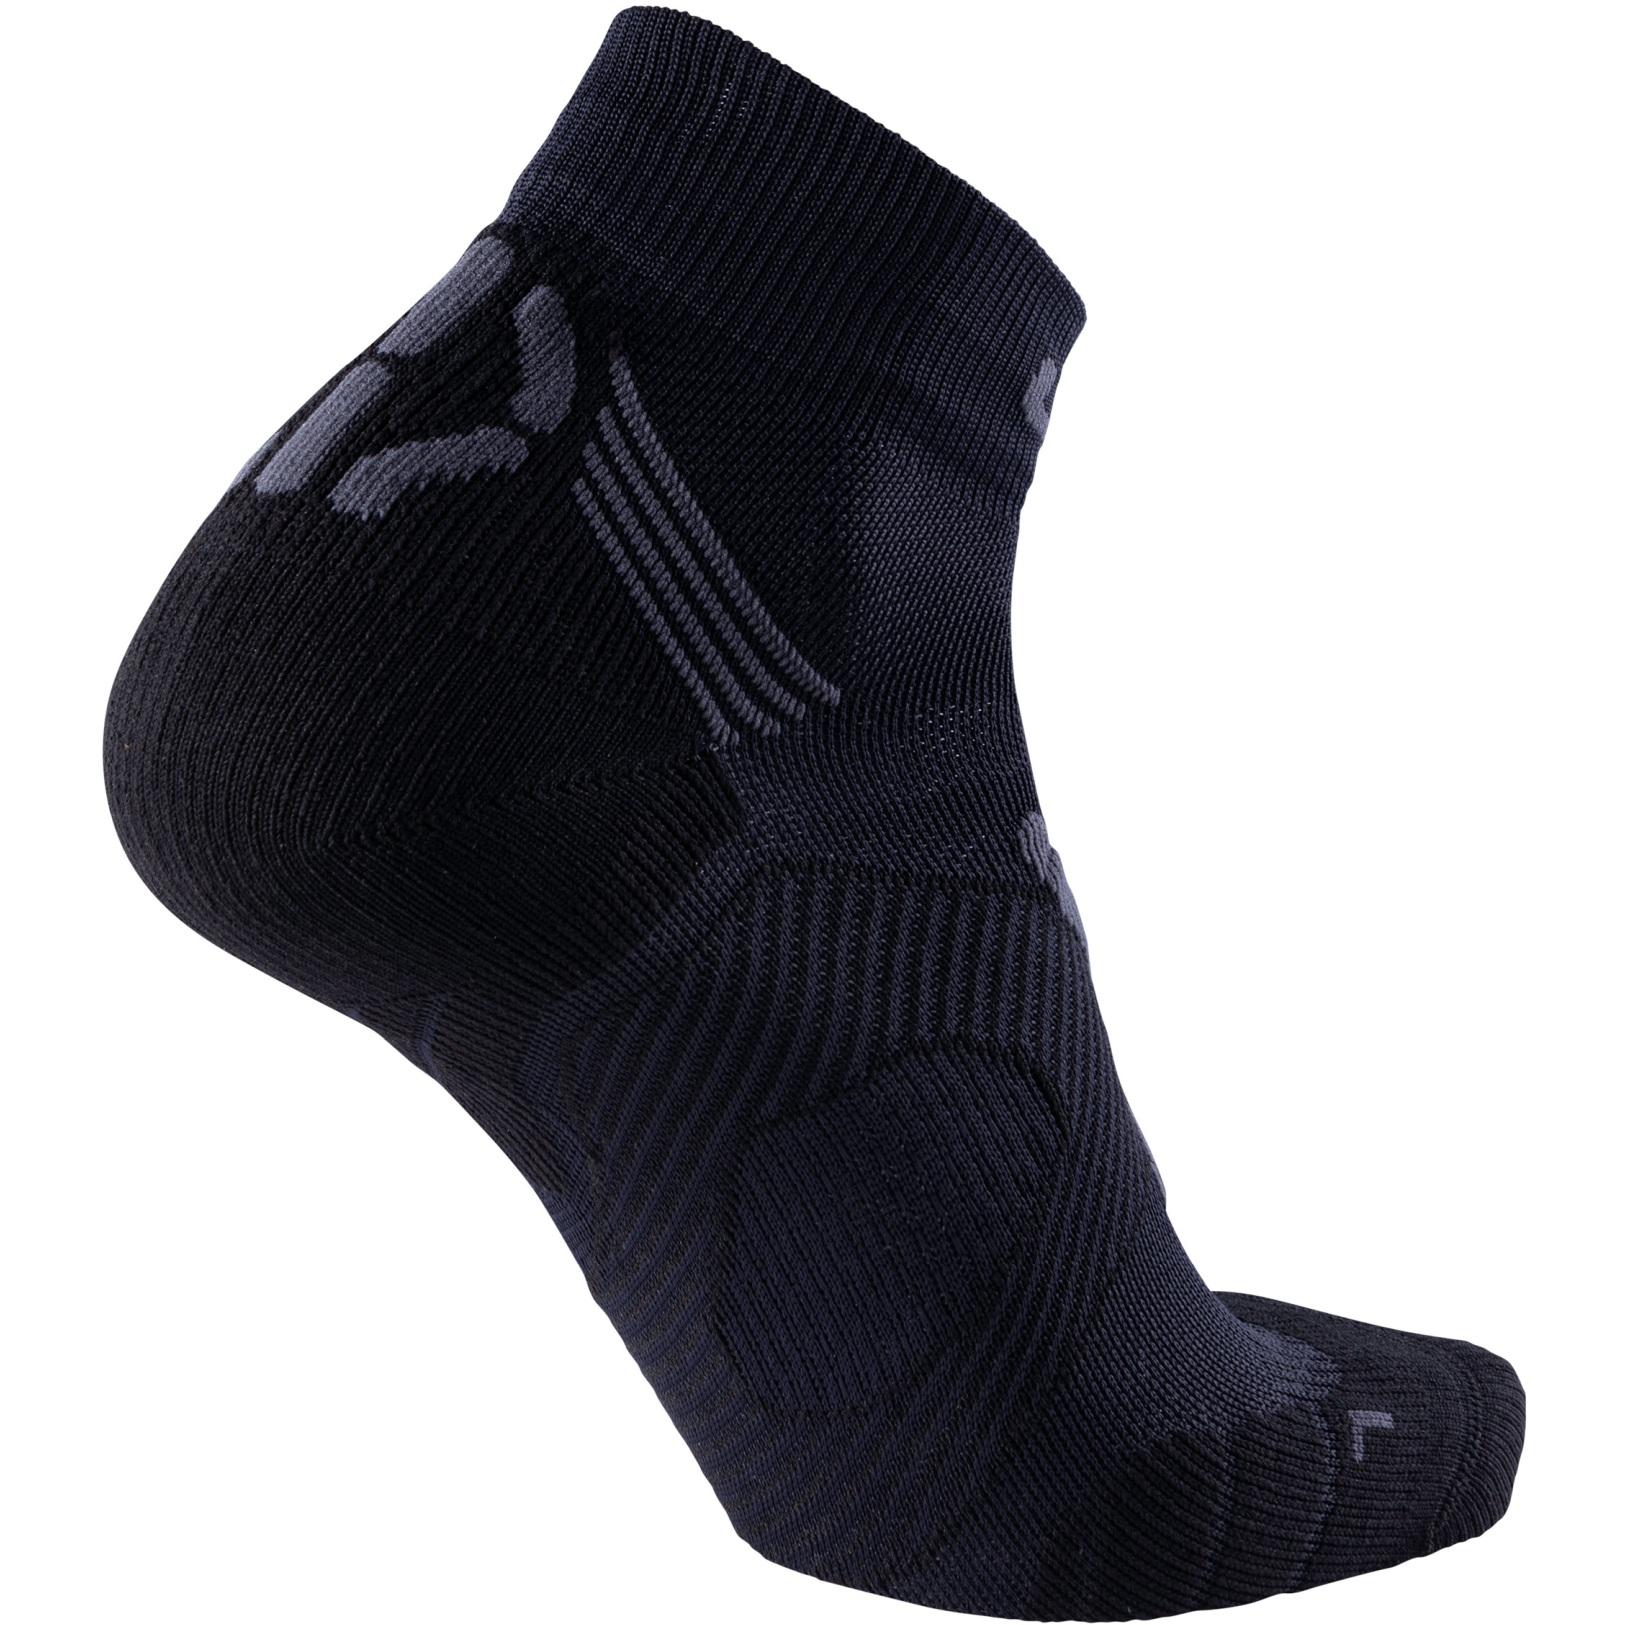 Bild von UYN Running Super Fast Socken - Black/Anthracite